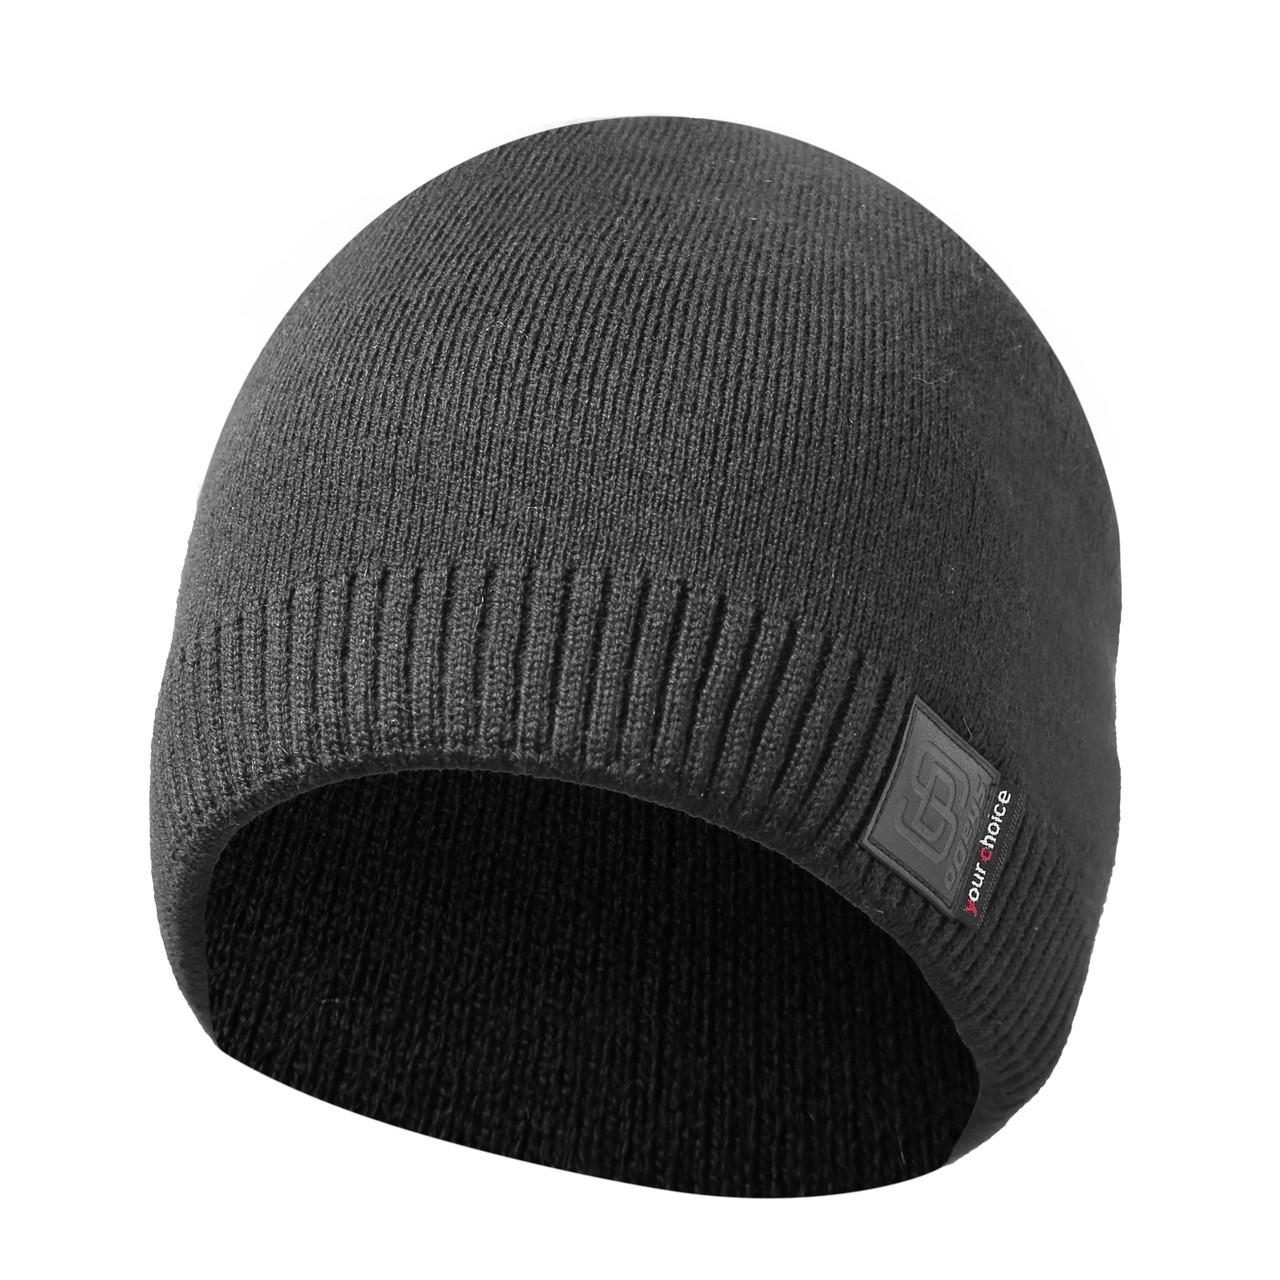 Зимняя мужская шапка очень теплая на флизе №70